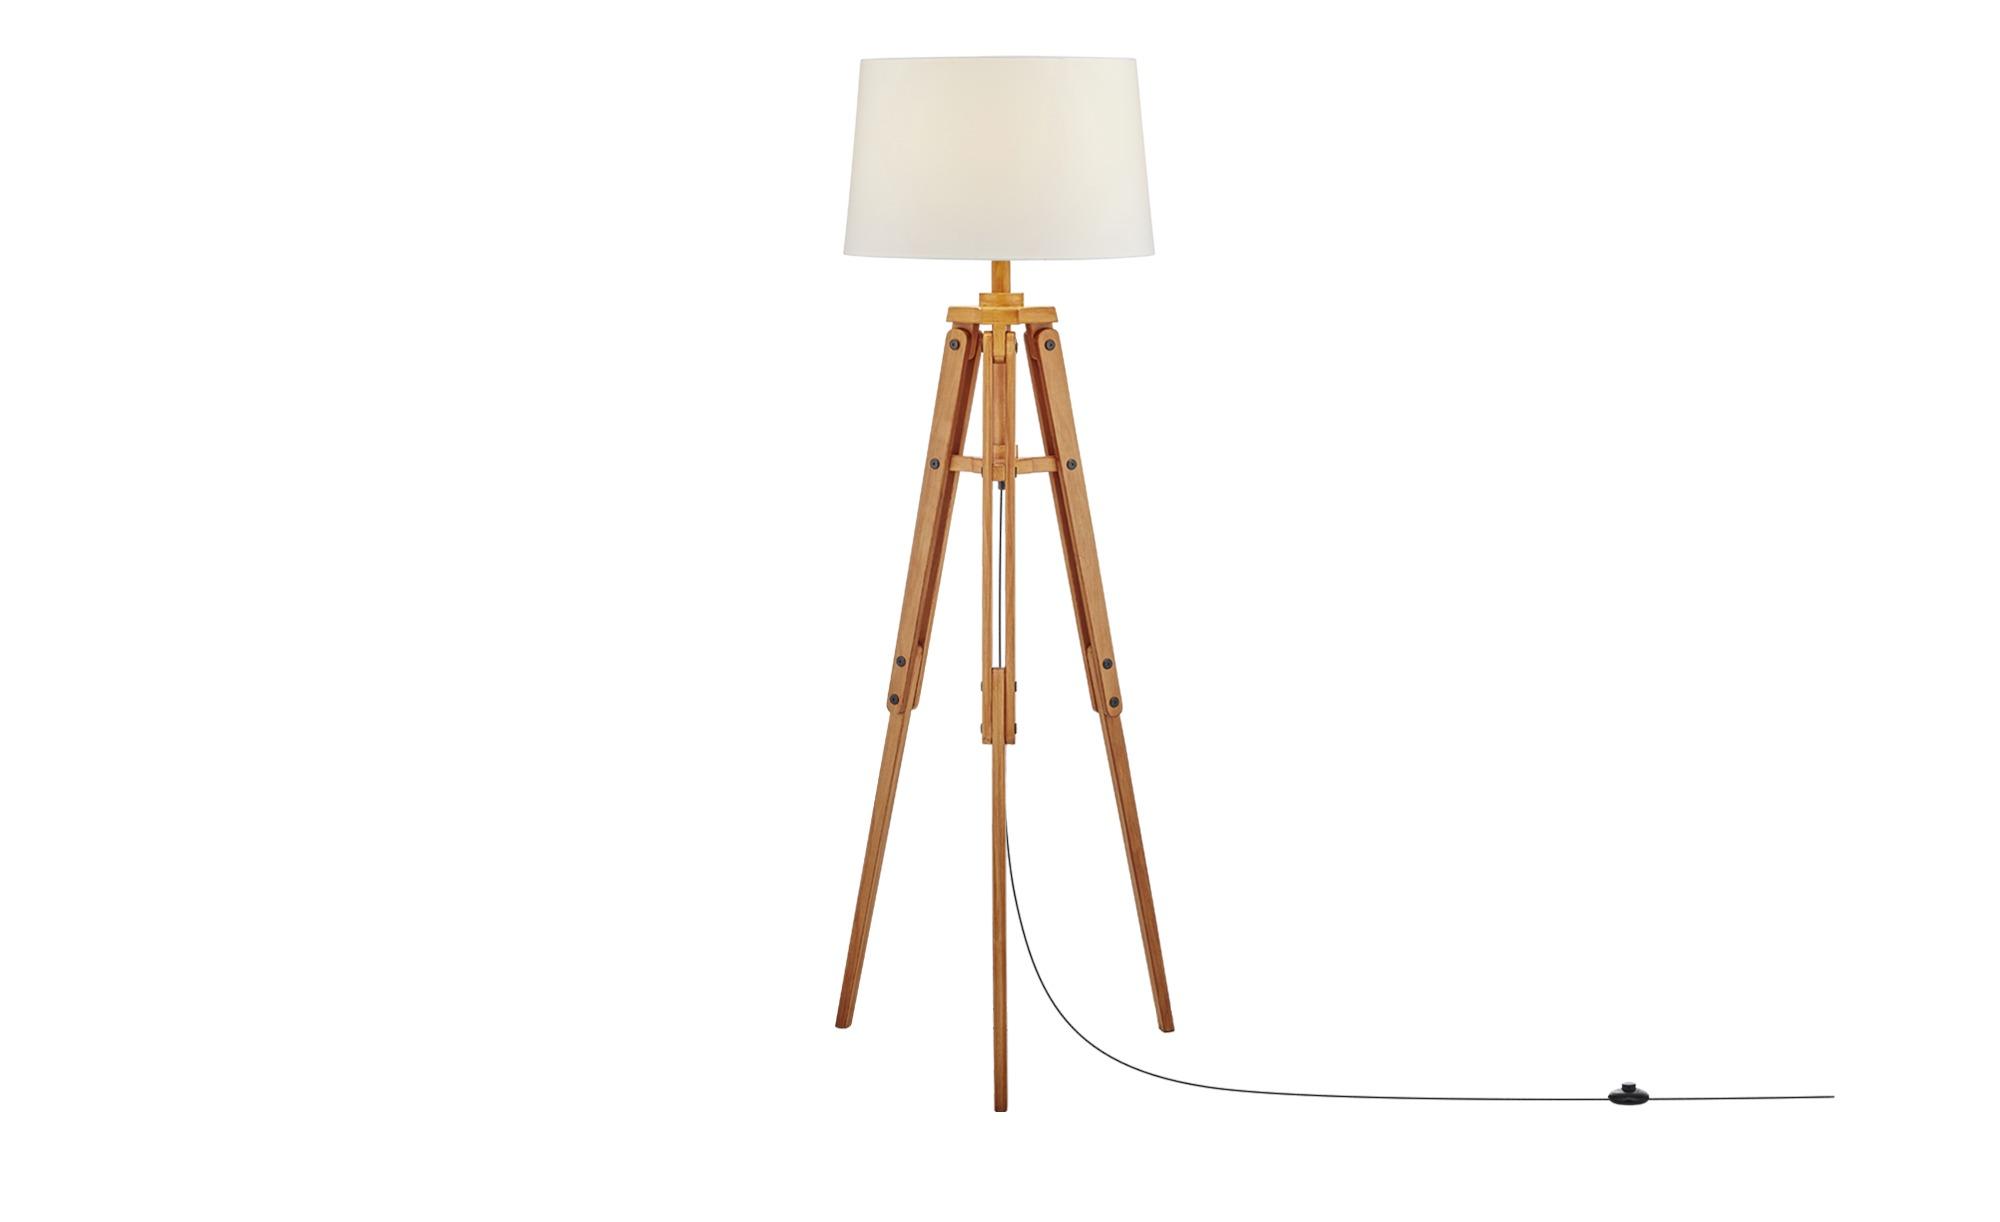 HOME STORY 3-Bein Stehleuchte, 1-flammig Holz ¦ braun ¦ Maße (cm): H: 158 Ø: 51 Lampen & Leuchten > Innenleuchten > Stehlampen - Höffner